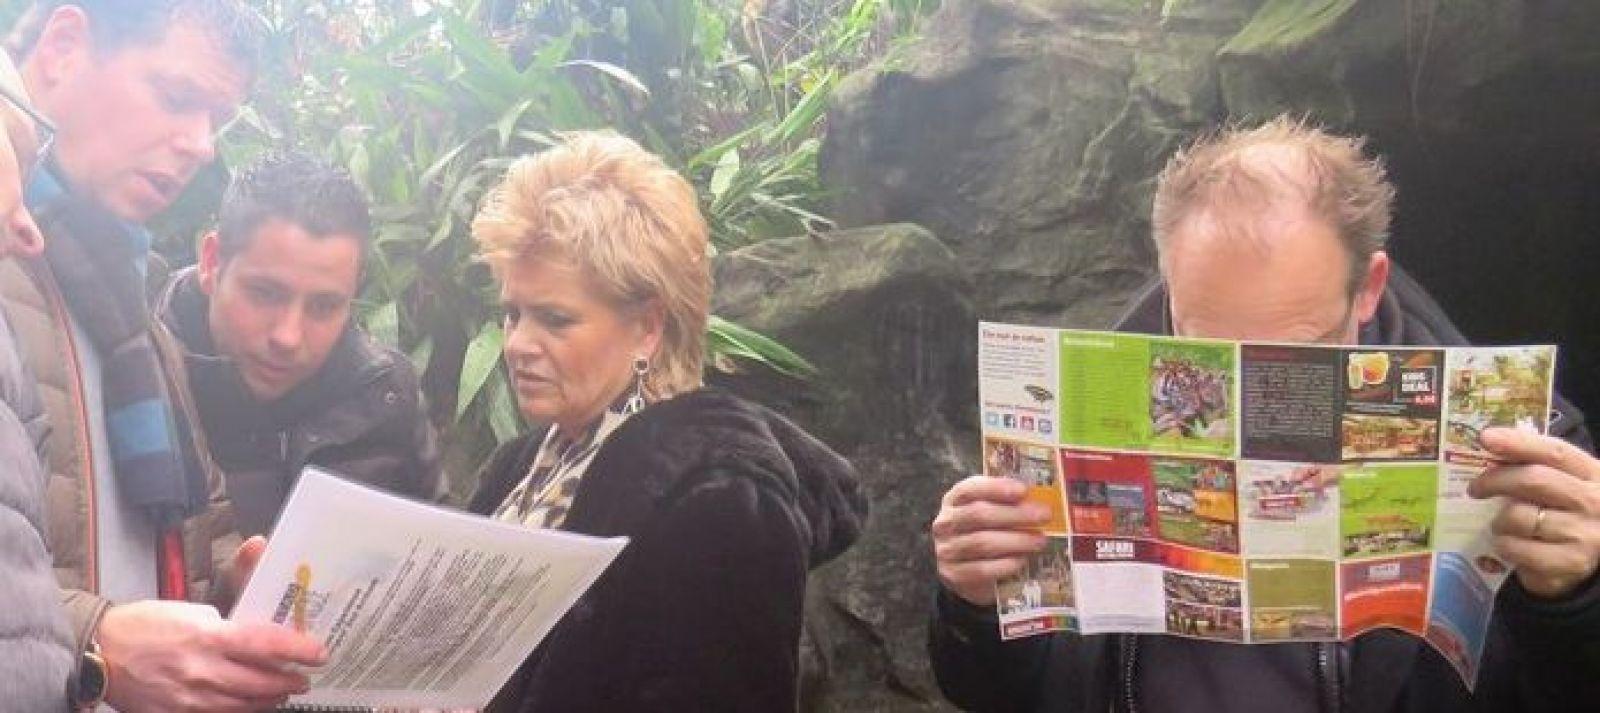 Zoo Experience - Beestachtig uitje in Amersfoort